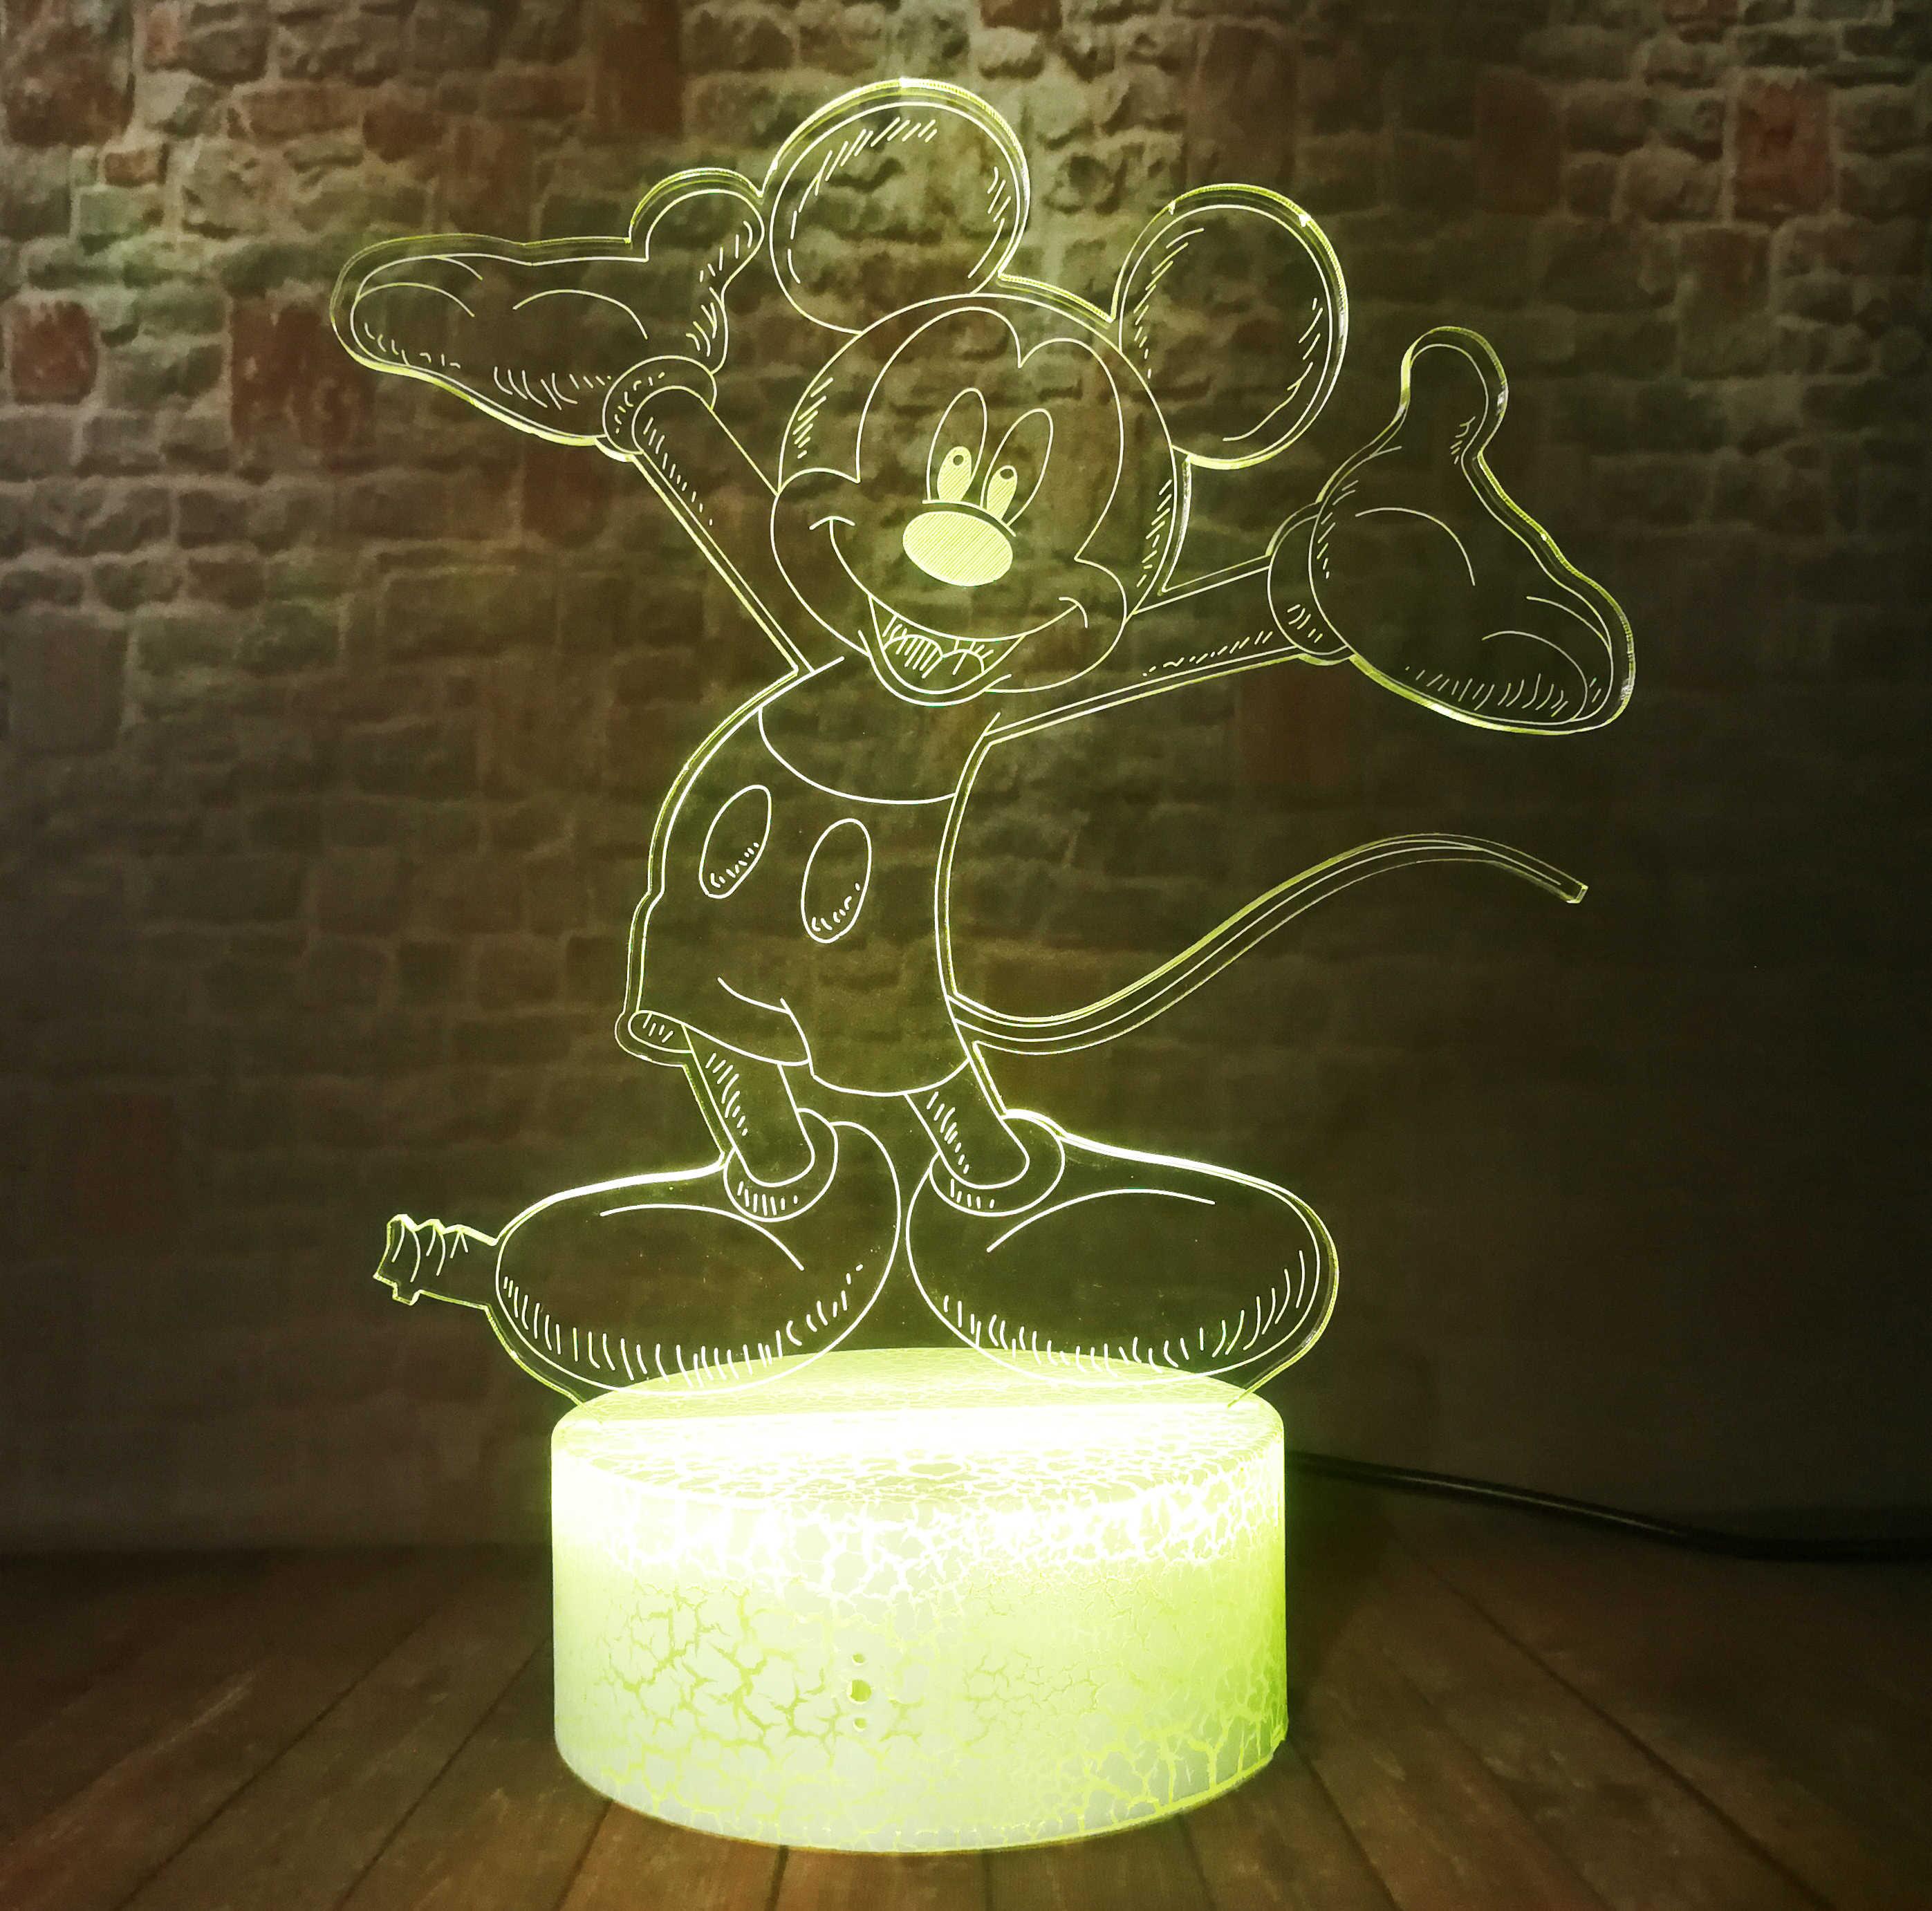 3D Smart Mickey Mouse Kartun Modeling LED Lampu Malam Touch Lampu Meja Meja Lampu 7 Warna Perubahan Retak Minnie Kamar Anak Cowok dekorasi Hadiah